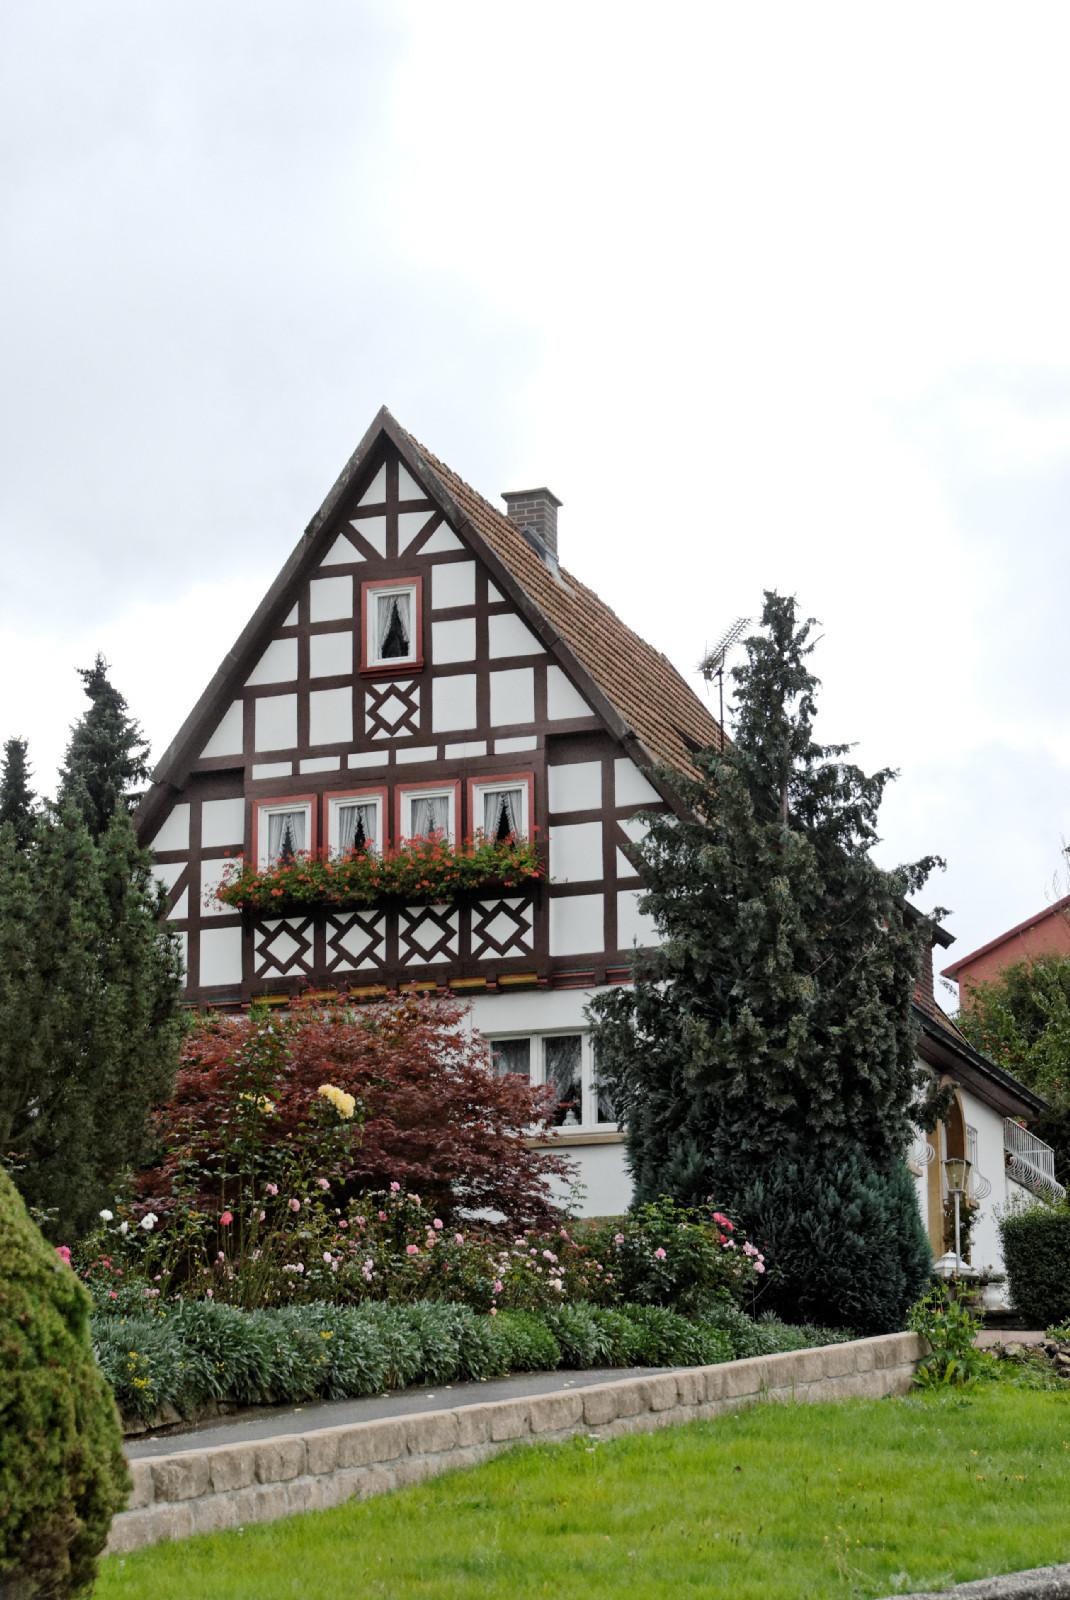 datei haus hohe bergstrasse 19 in lauterbach von wikipedia. Black Bedroom Furniture Sets. Home Design Ideas